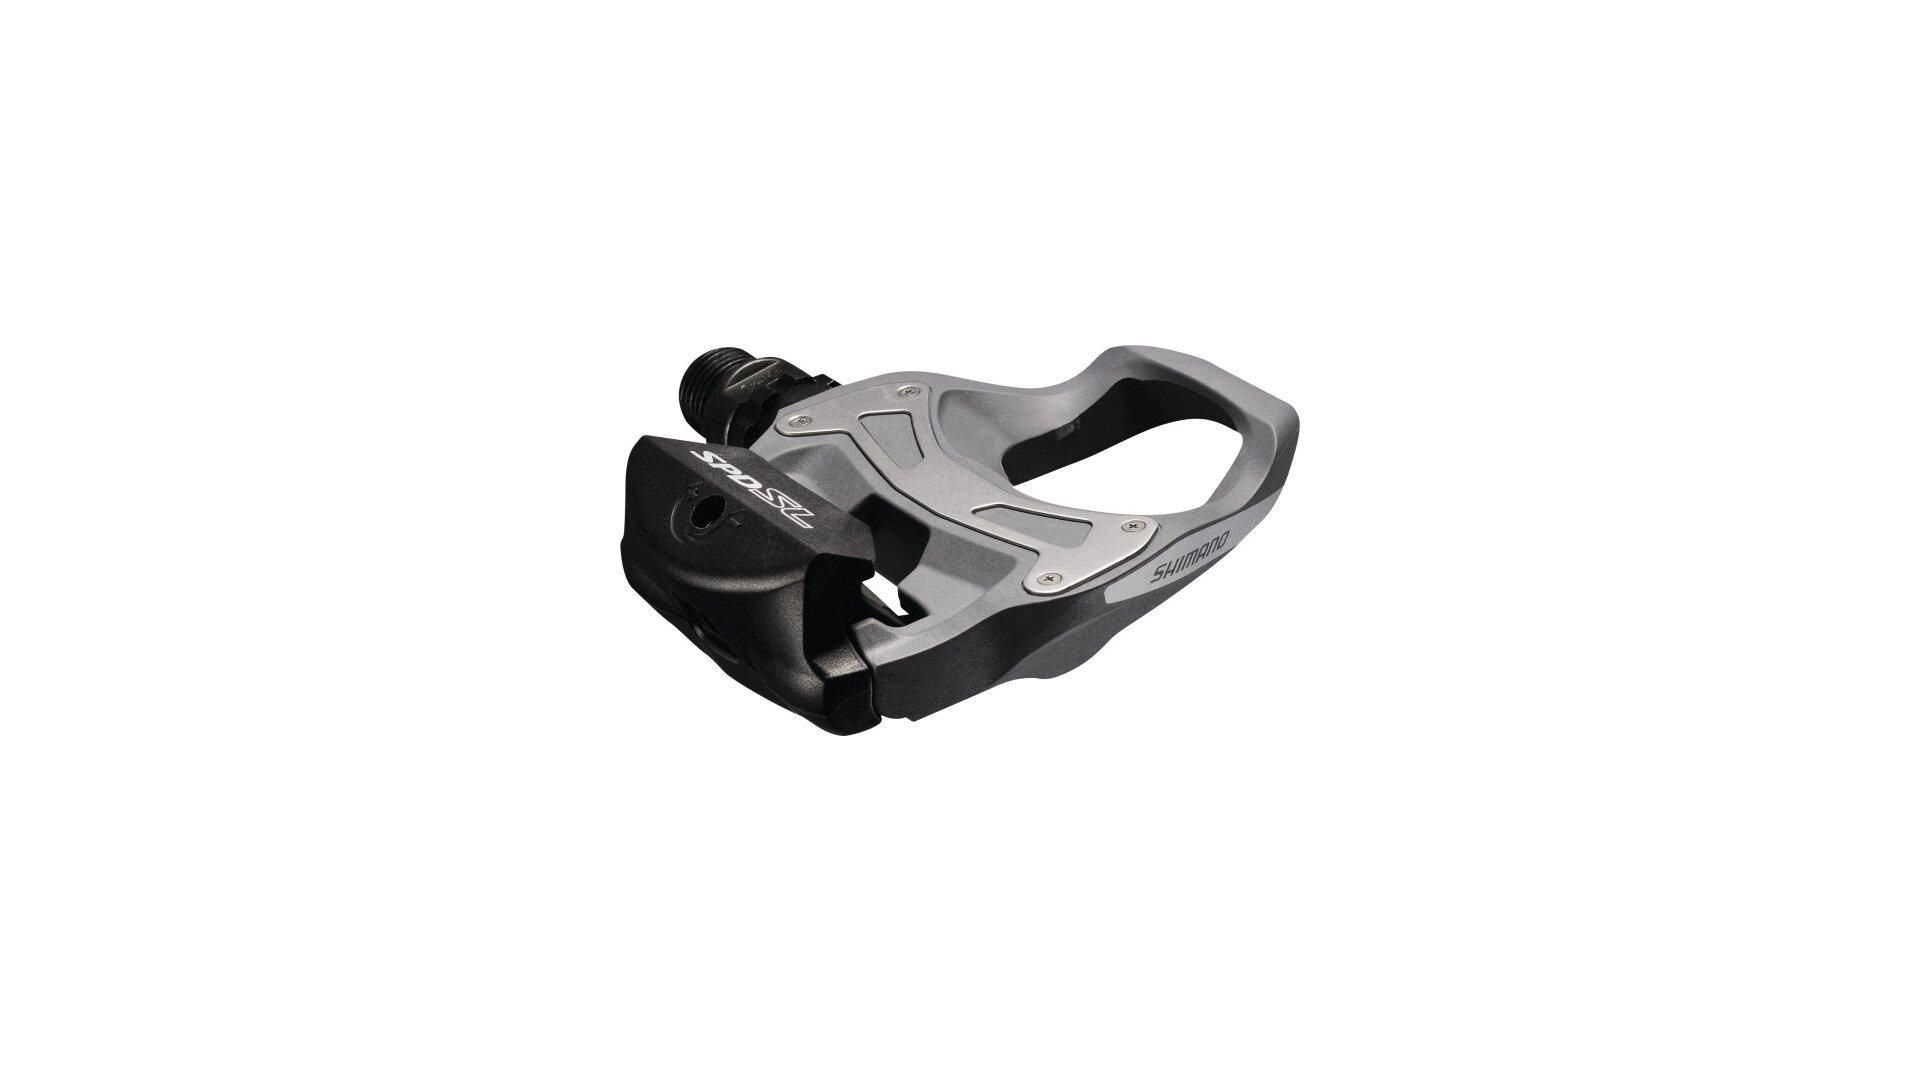 shimano pd r550 spd sl rennrad pedal g nstig kaufen online. Black Bedroom Furniture Sets. Home Design Ideas